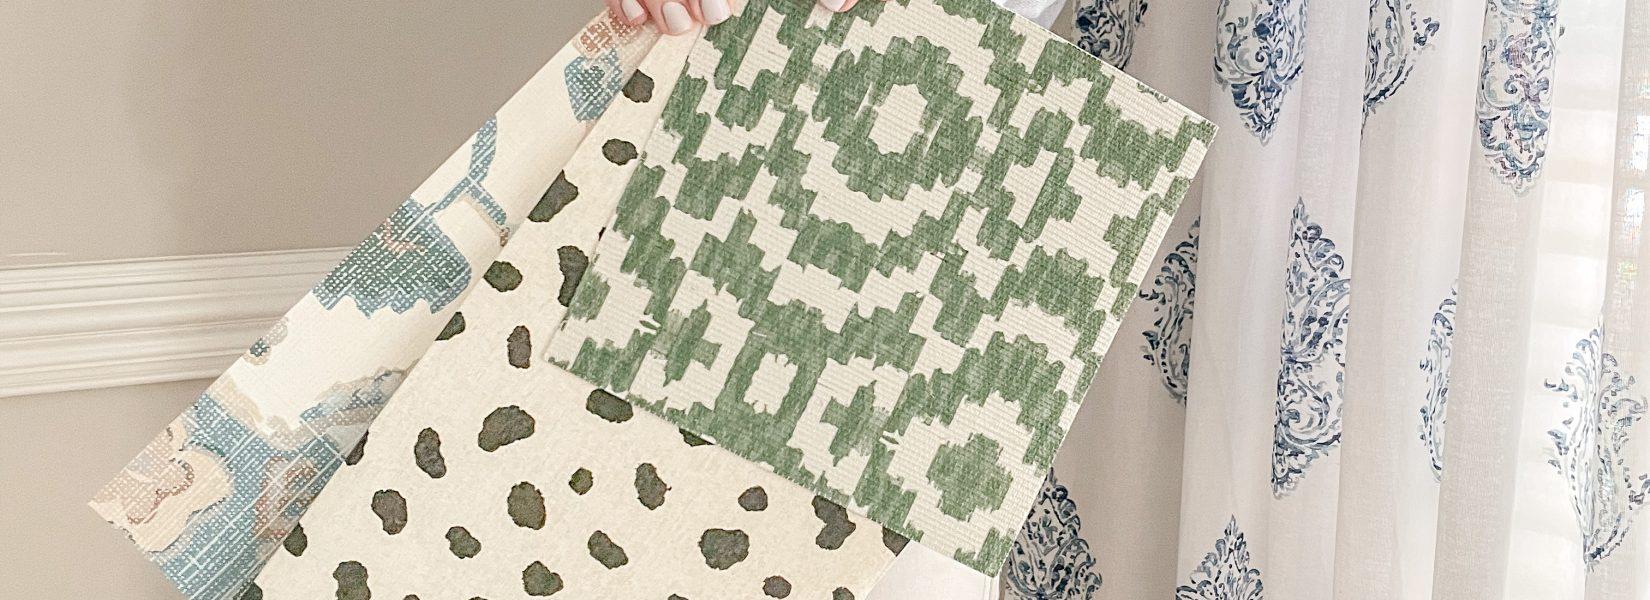 Popular Types of Wallpaper